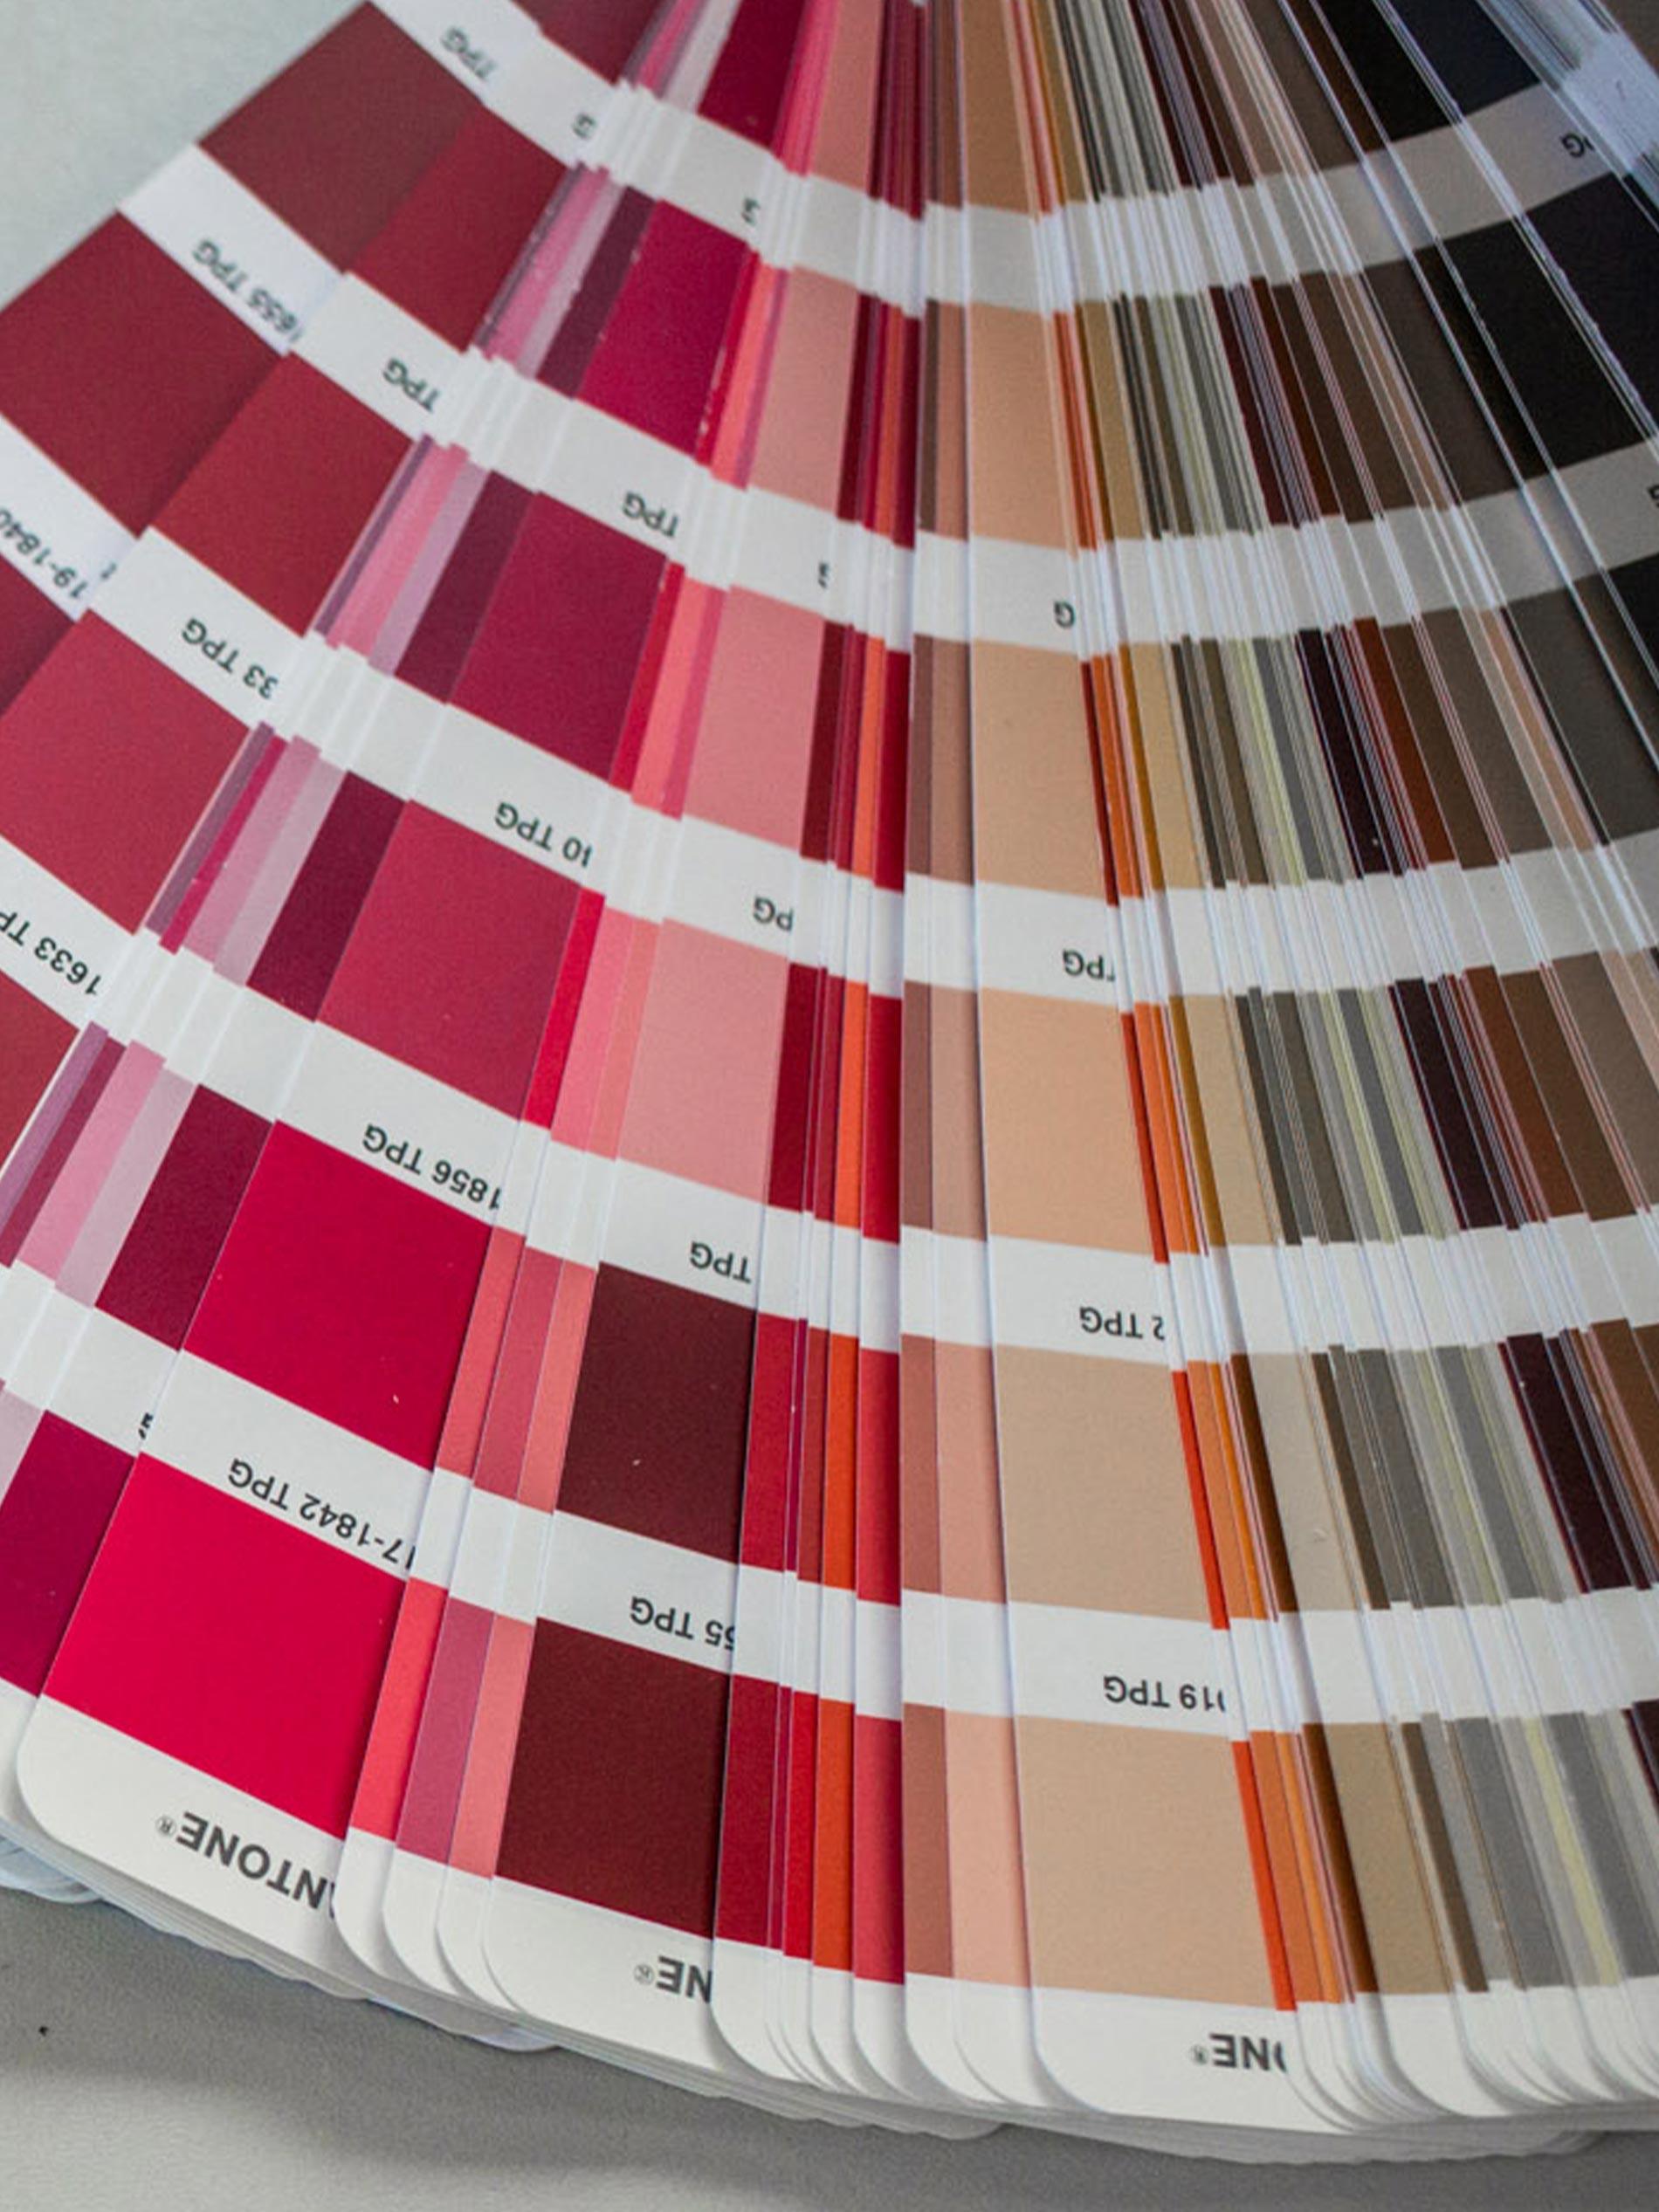 Kleurenwaaier van Pantone met verschillende rode en roze tinten | mey®